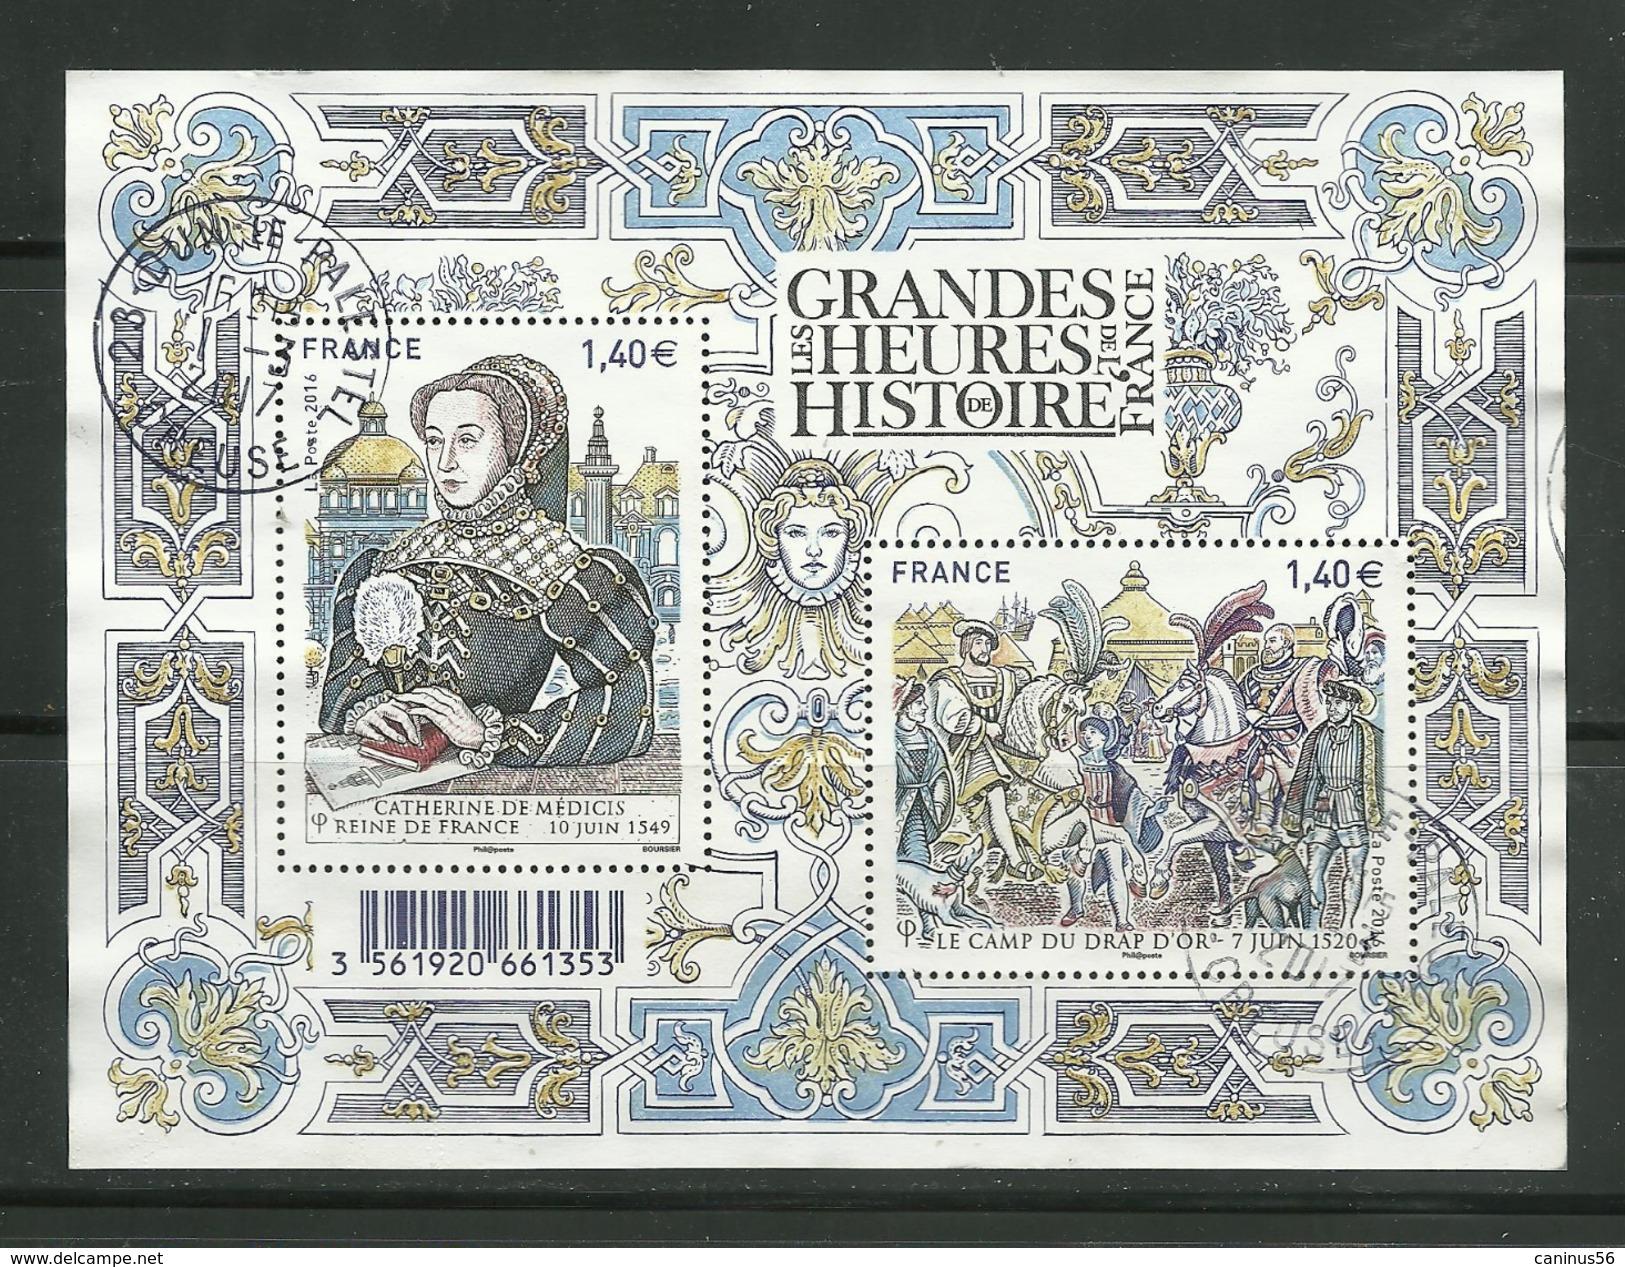 5067 5068 F5067 - 2016 : Feuillet Grandes Heures De L'histoire De France - Cachet Rond - France